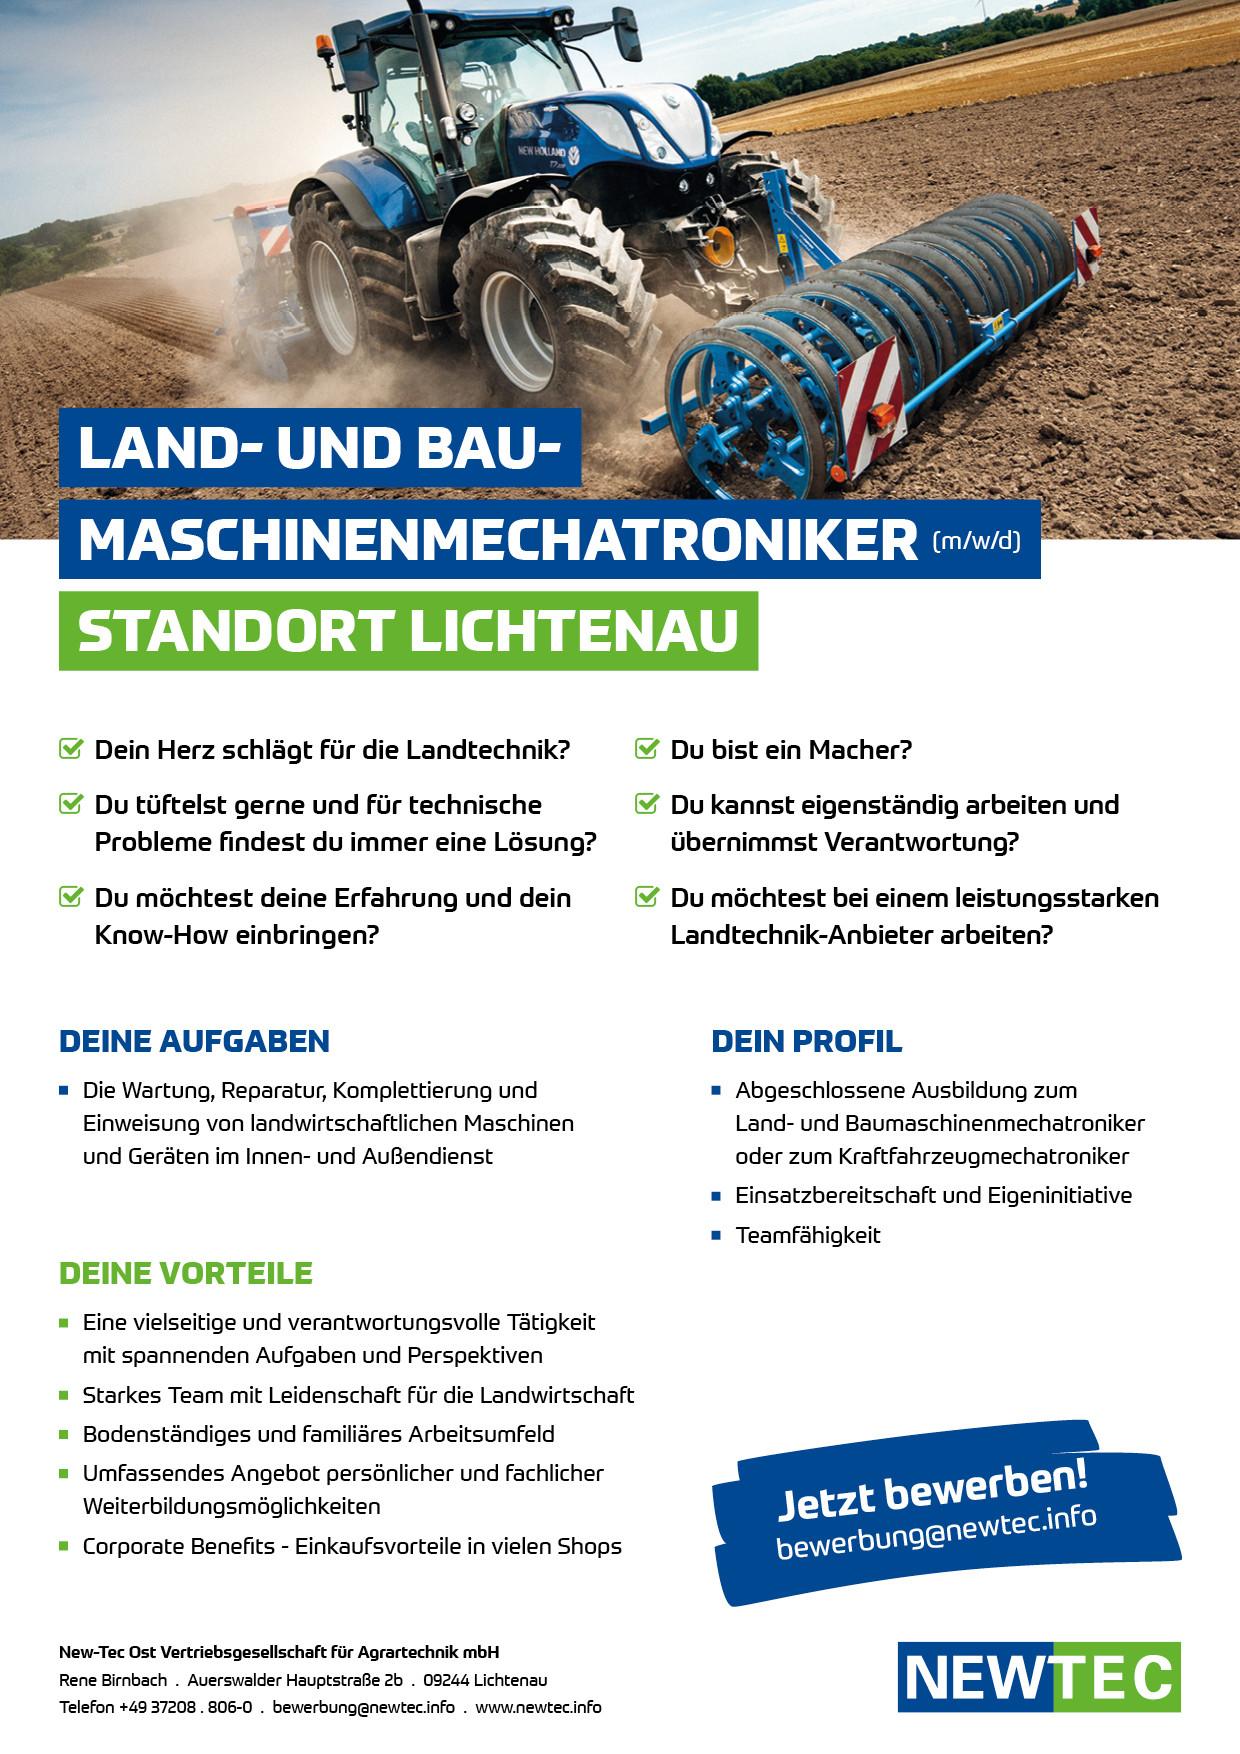 NEWTEC_Stellenanzeige_Land-_und_Baumaschinenmechatroniker_Lichtenau